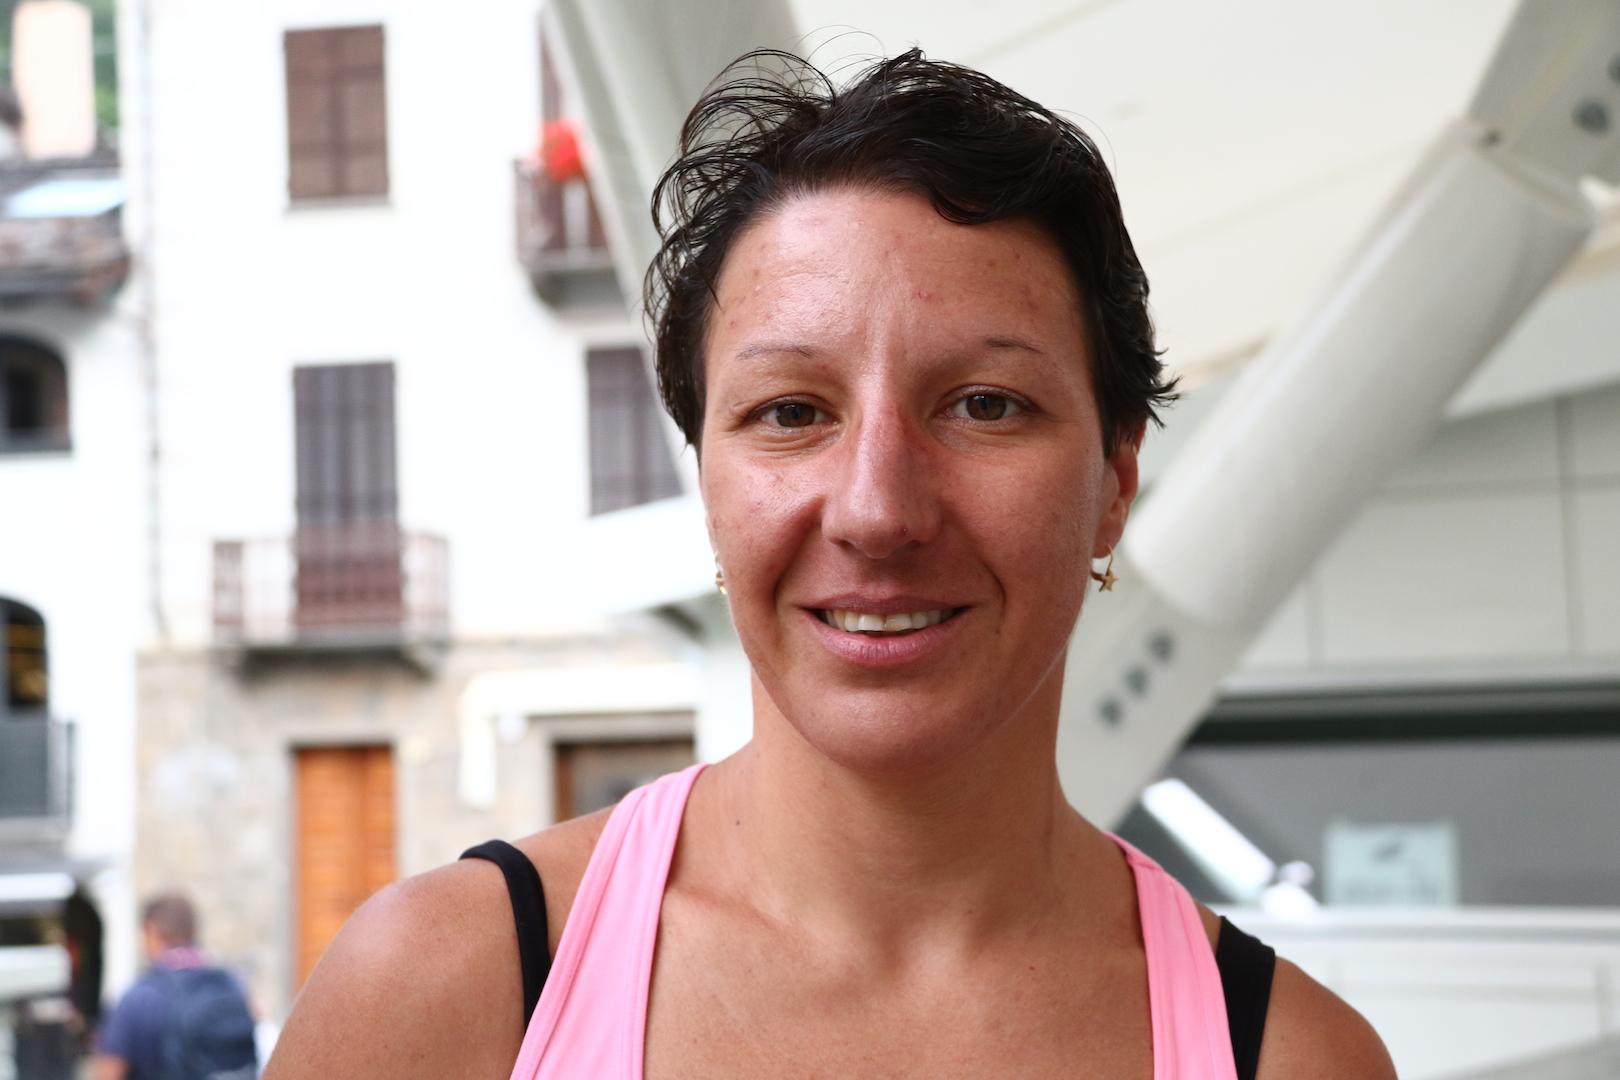 Ricordando Daniele: la corsa da podio di Chiara Giovando